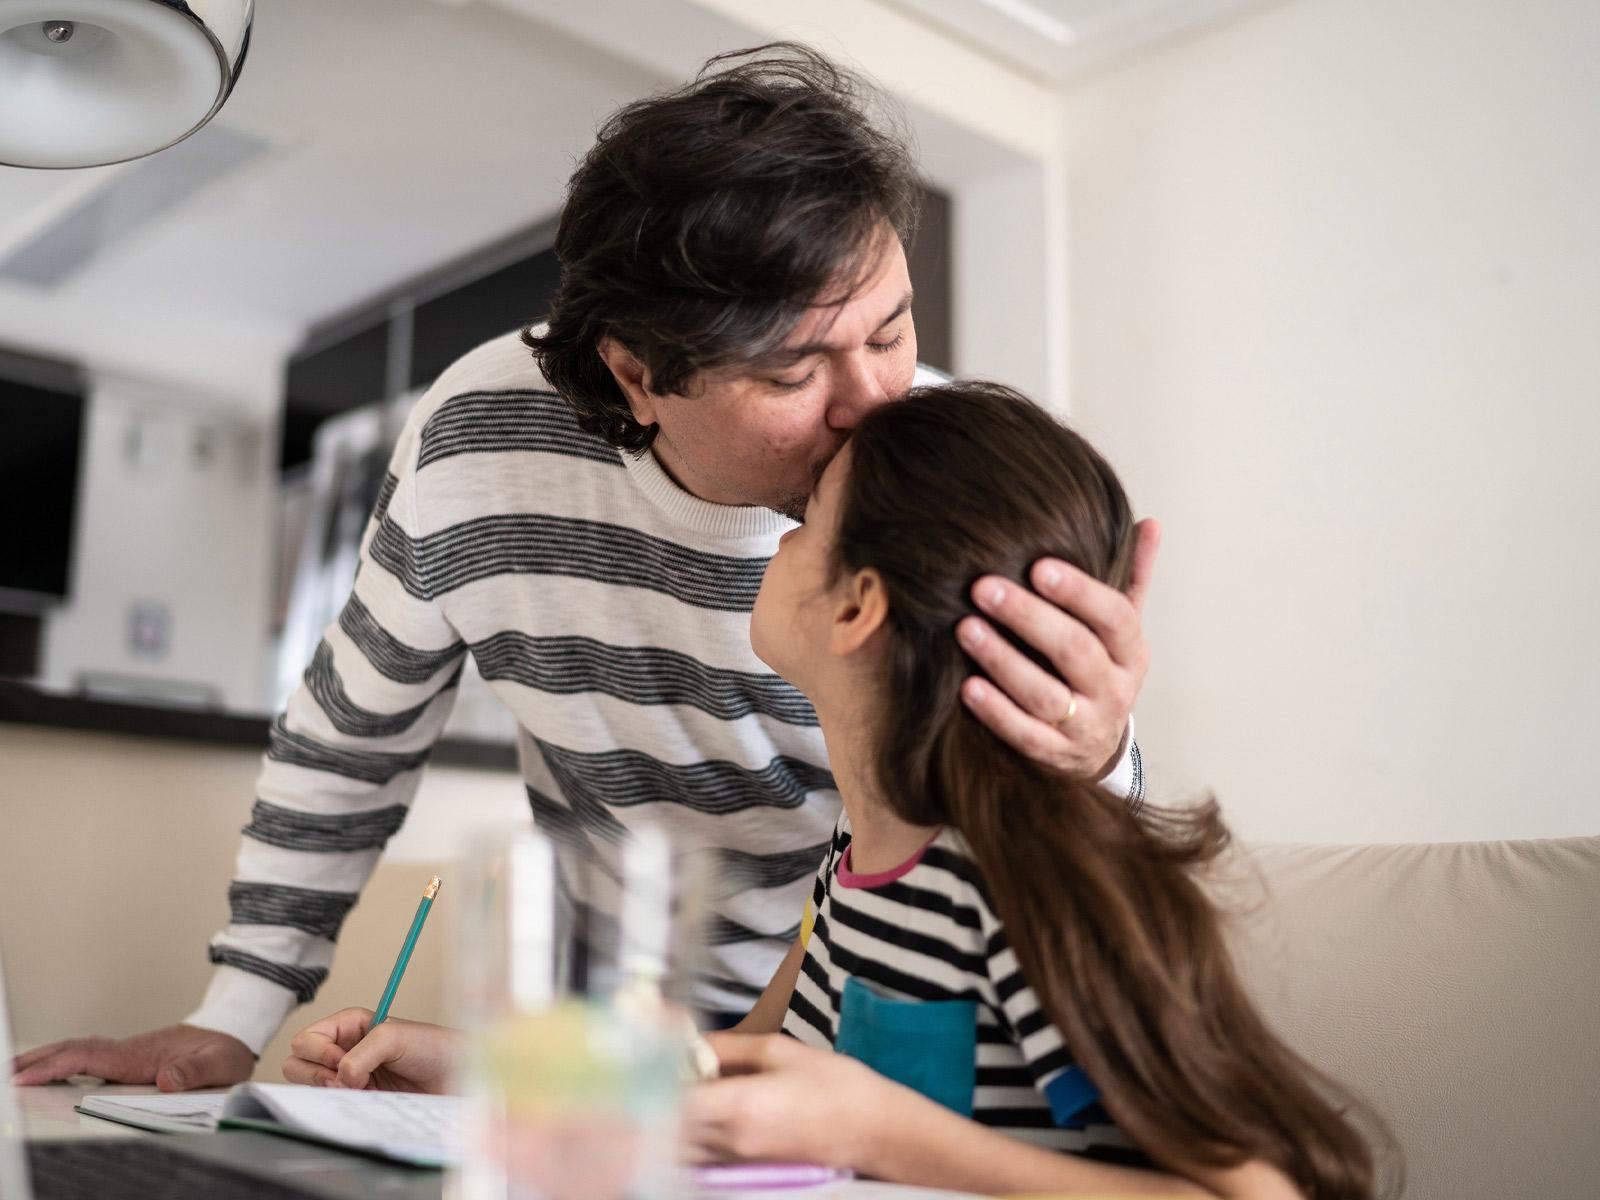 Como restaurar a educação na família?